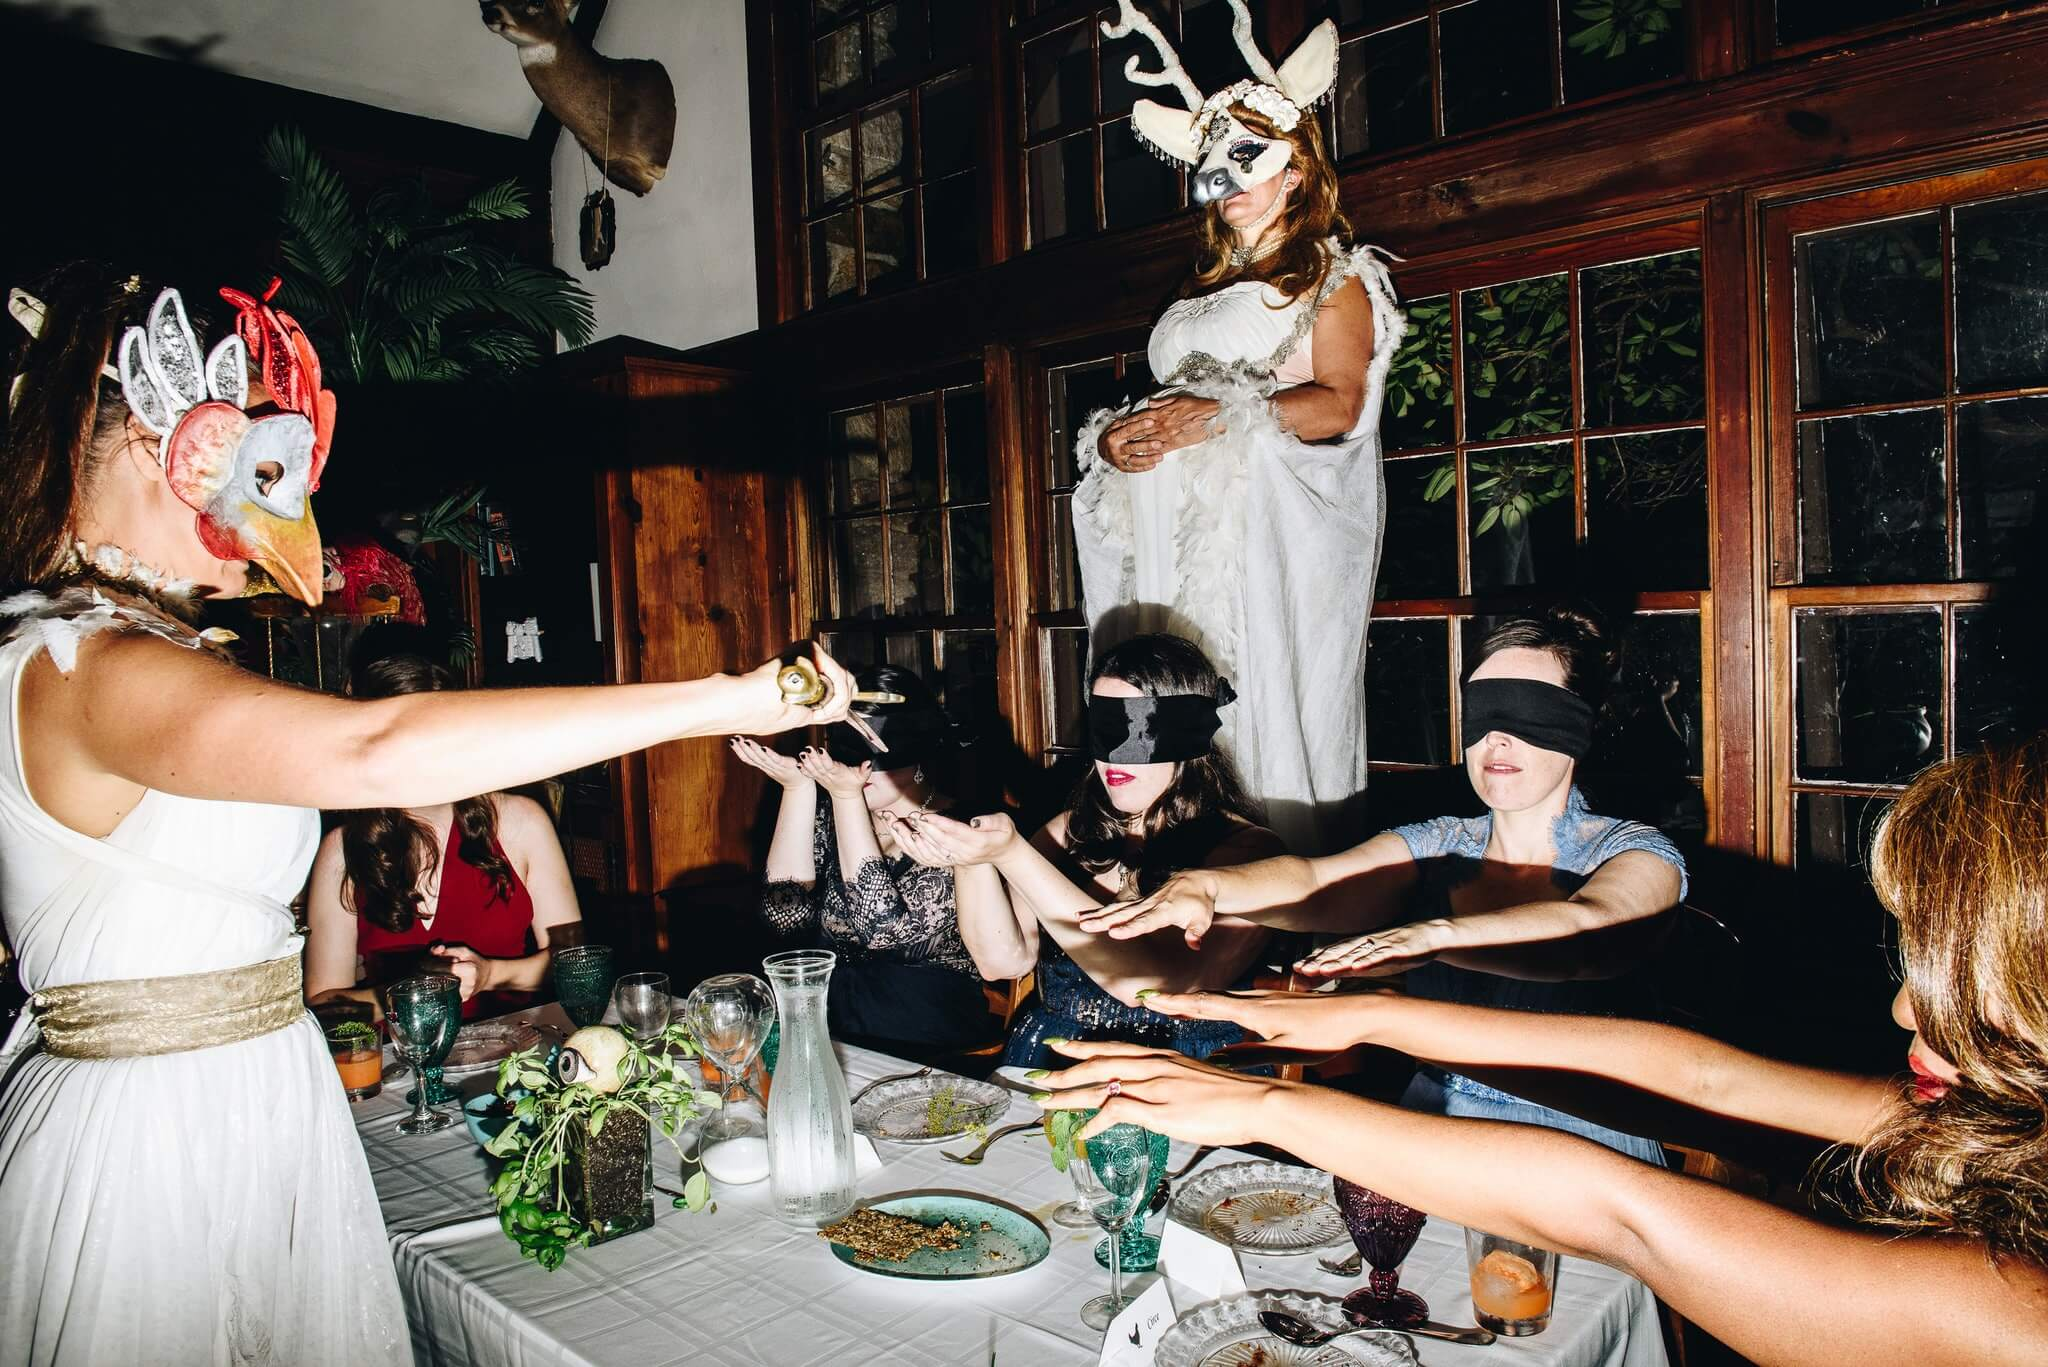 Cynthia von Buhler Invites You to The Illuminati Ball - WWAC